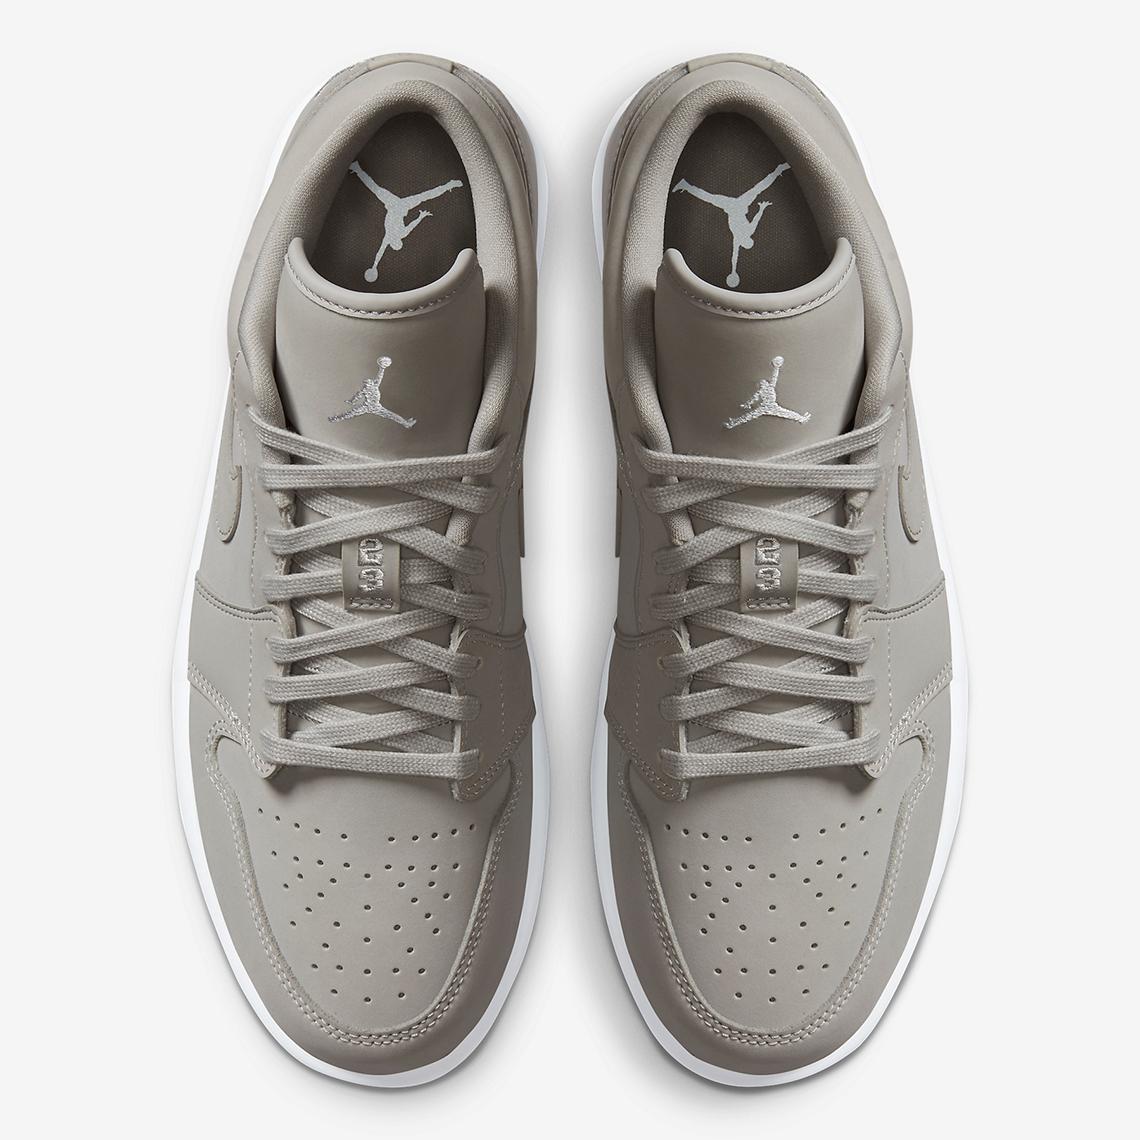 Air Jordan 1 Low Grey Fog DC0774-002 | SneakerNews.com